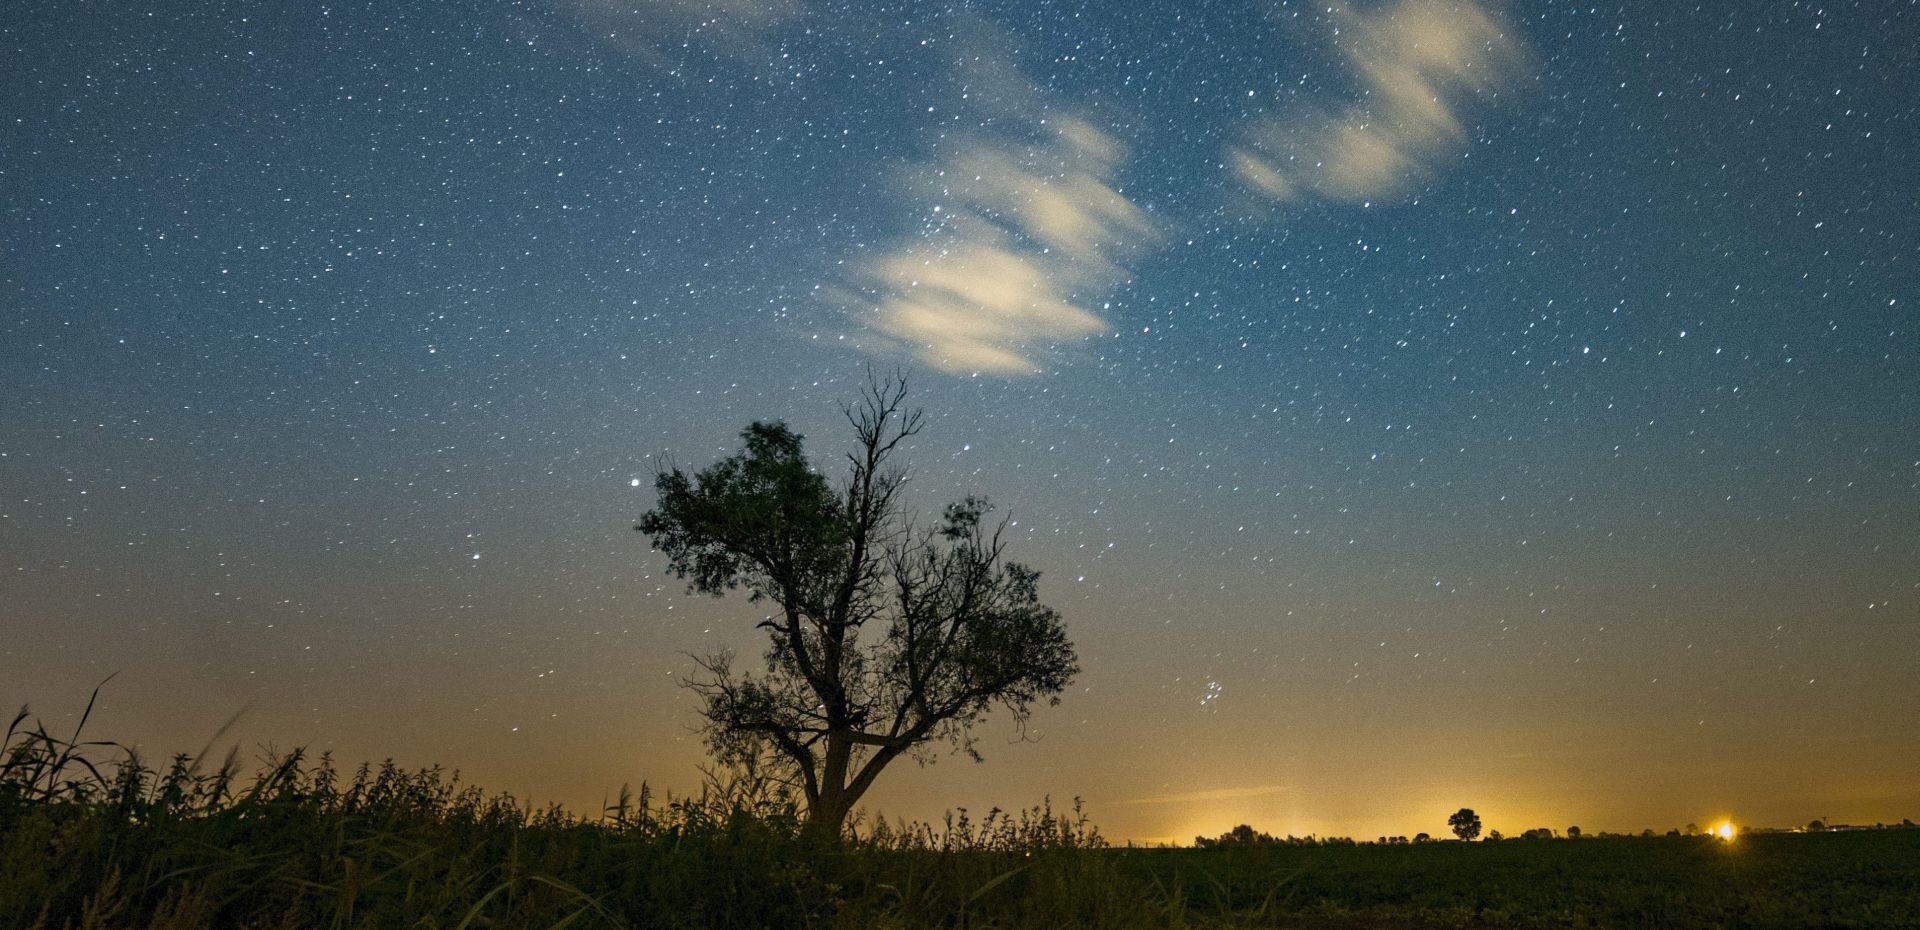 U noći s četvrtka na petak nebom će padati spektakularna kiša meteora